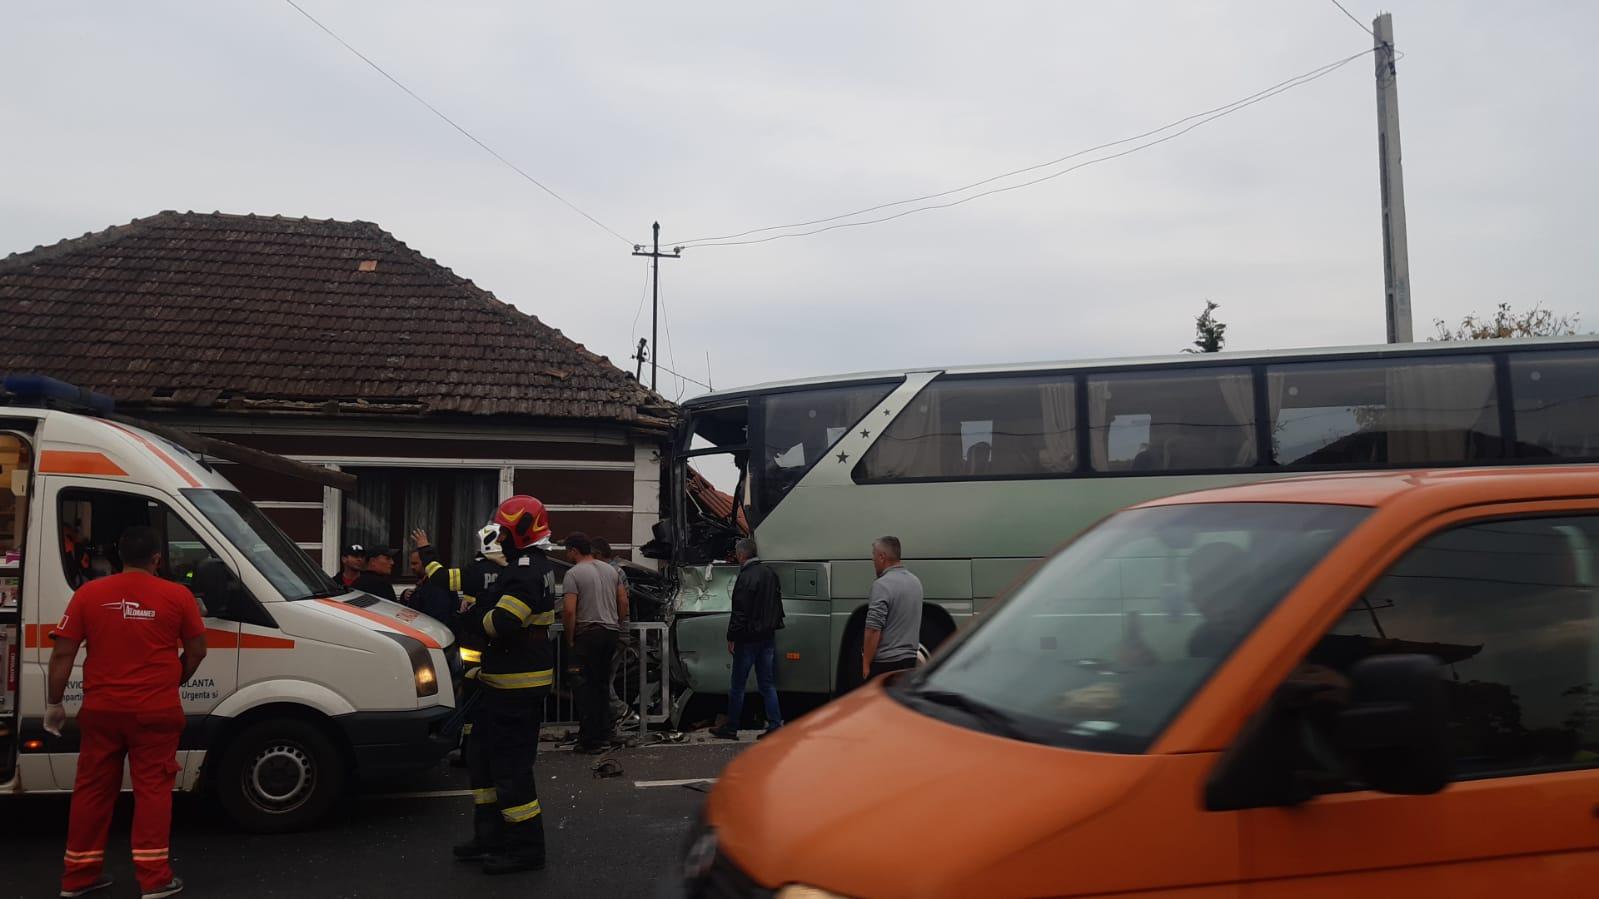 Un TIR a lovit un autocar în care se aflau 20 persoane. 12 persoane au fost rănite, două se află în gravă